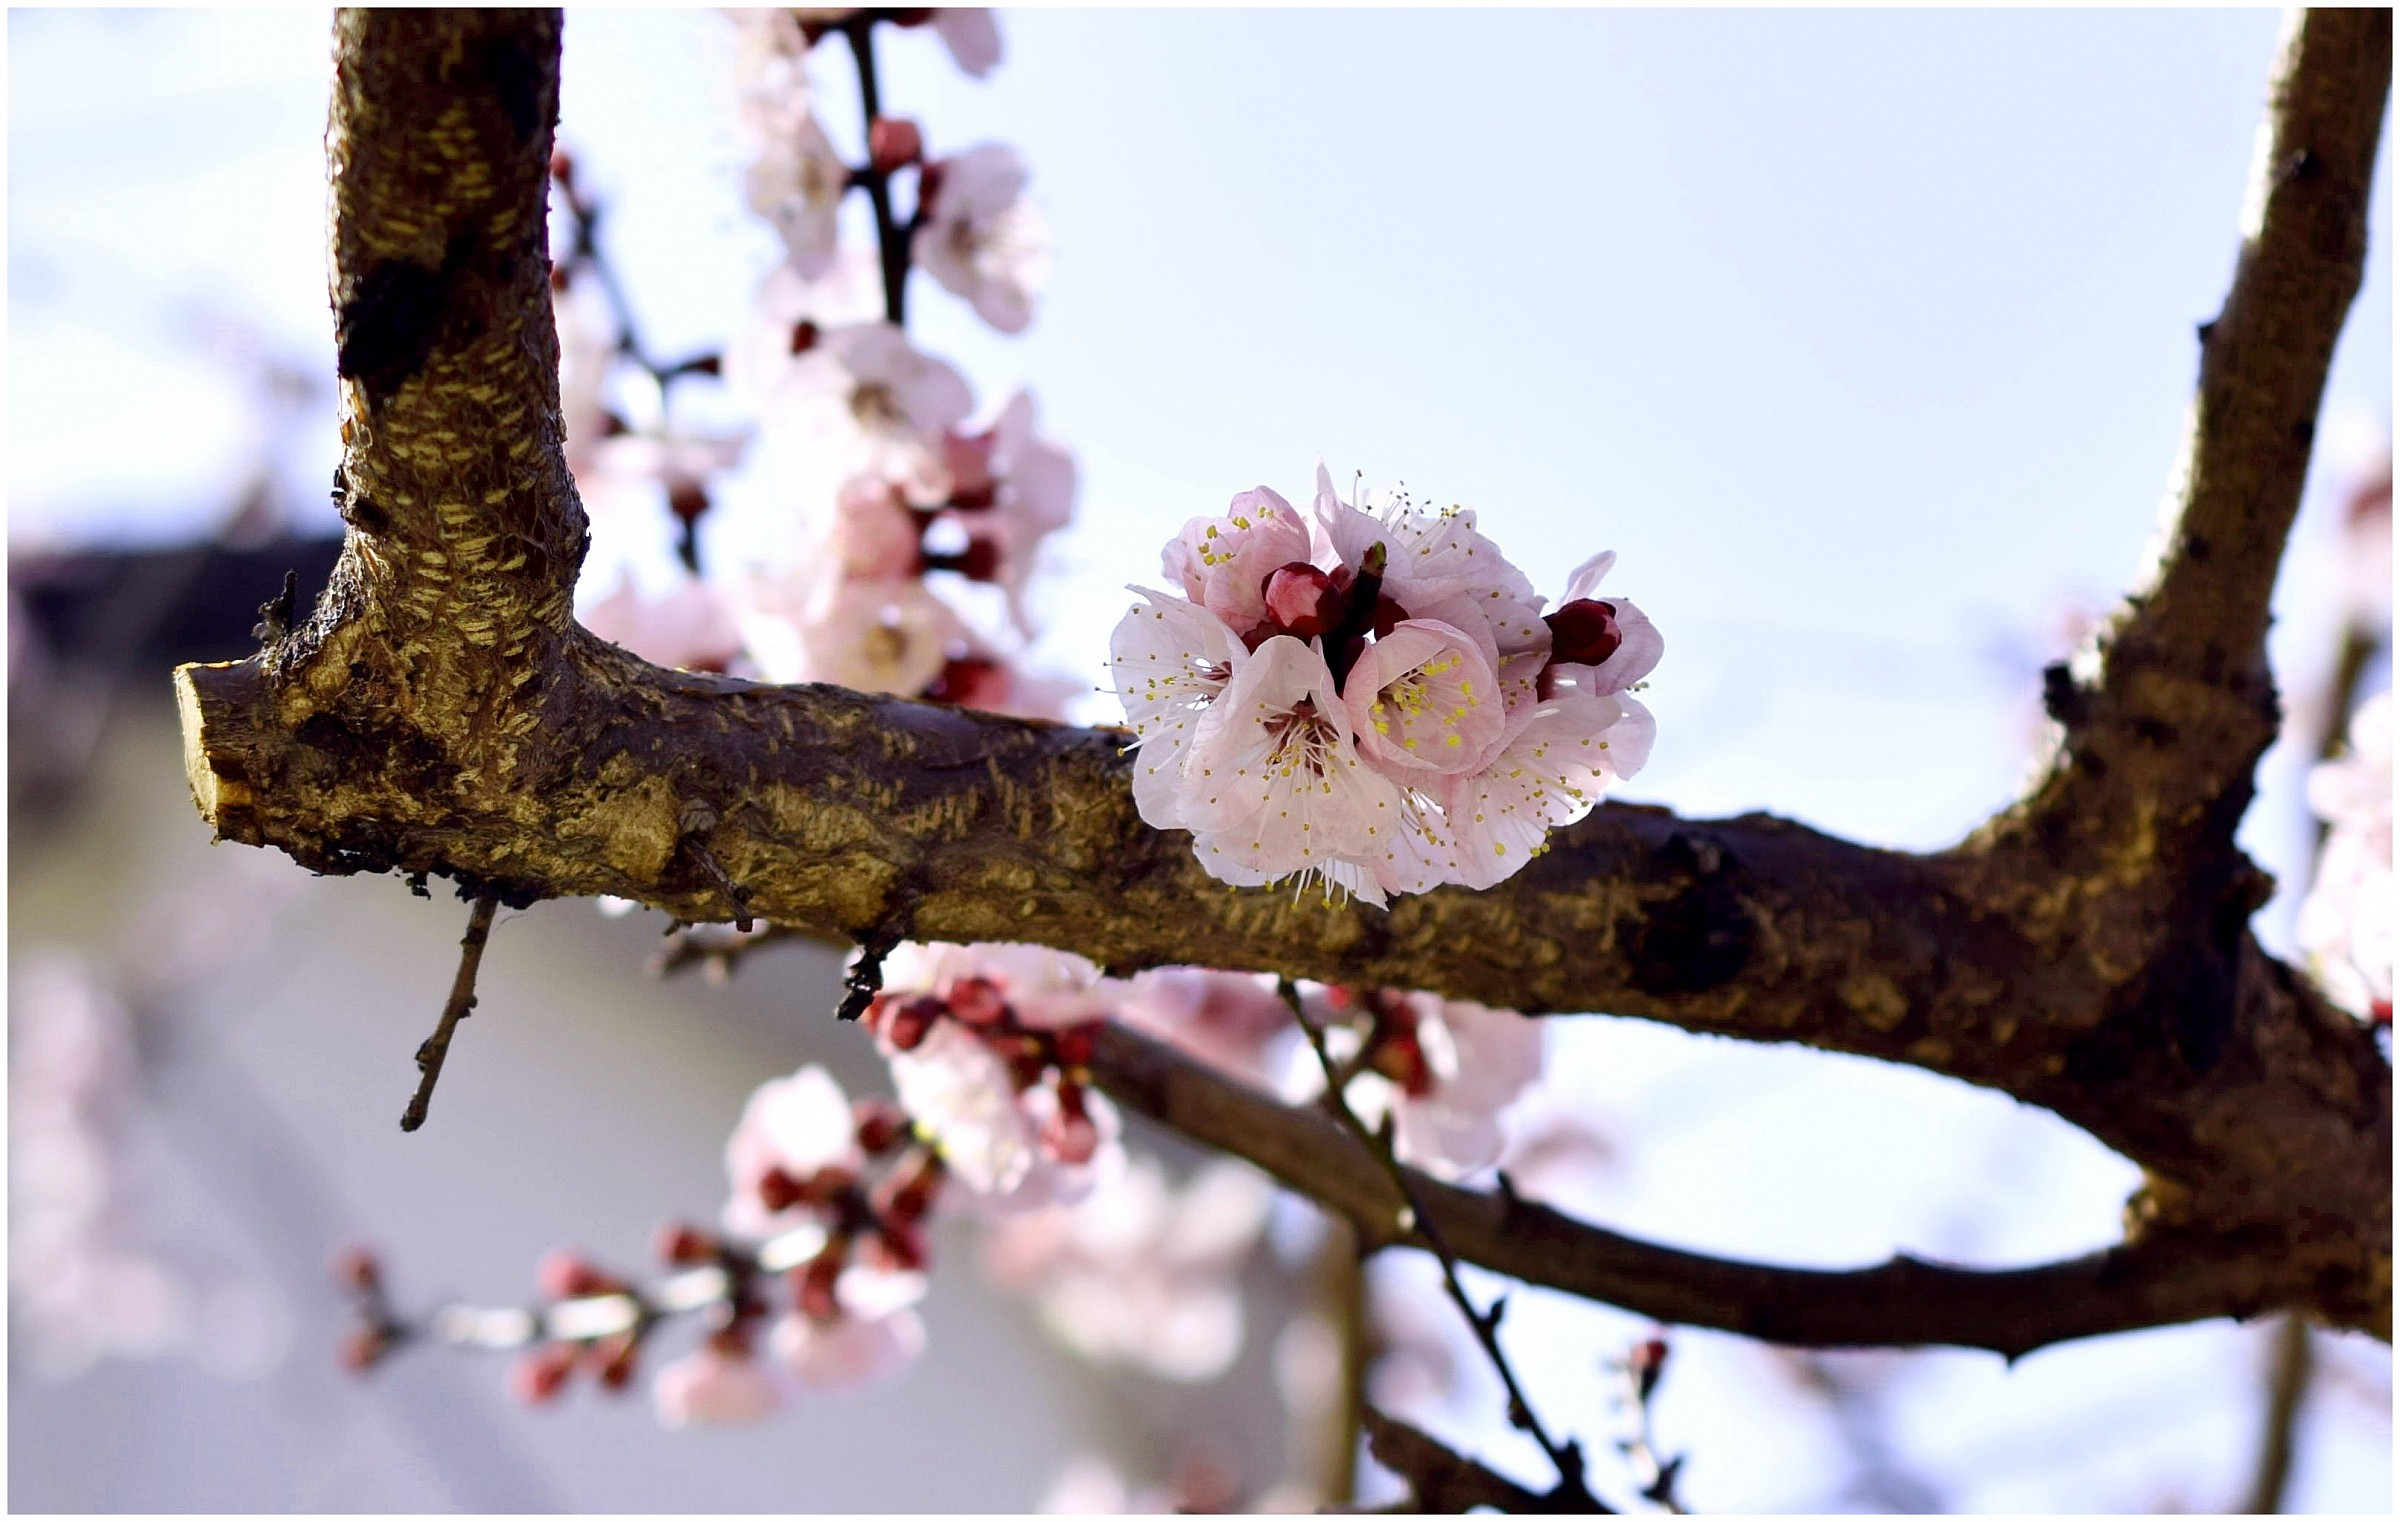 Spring...